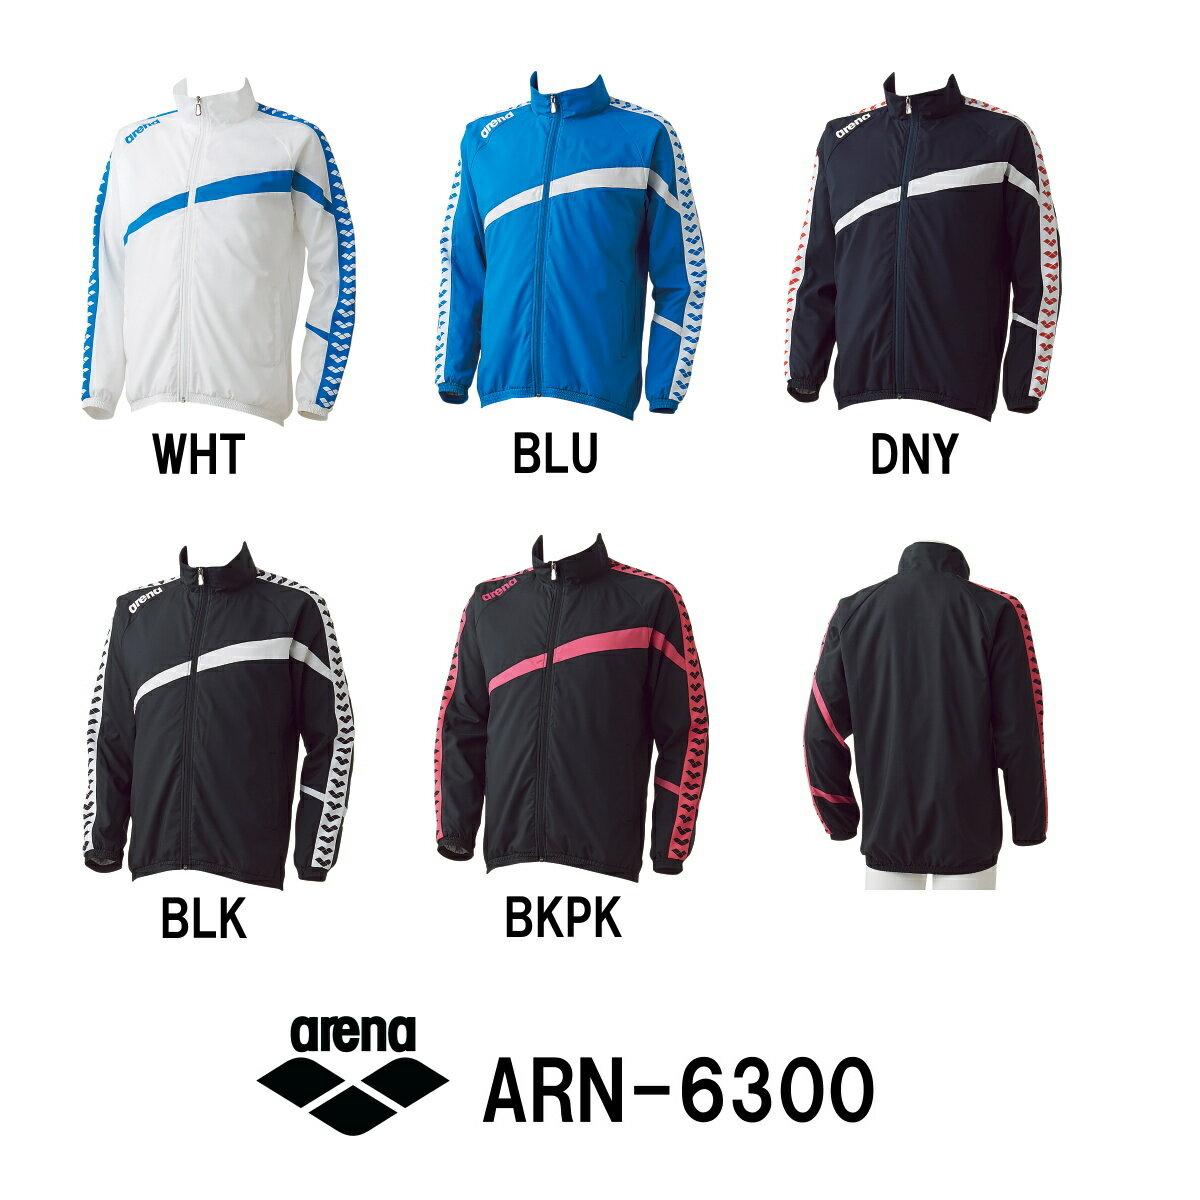 【送料無料】【ARN-6300】ARENA(アリーナ) ウィンドジャケット[トレーニングウェア/デルタウーブン/メンズ/レディース/レディス/男女共通/チームライン]